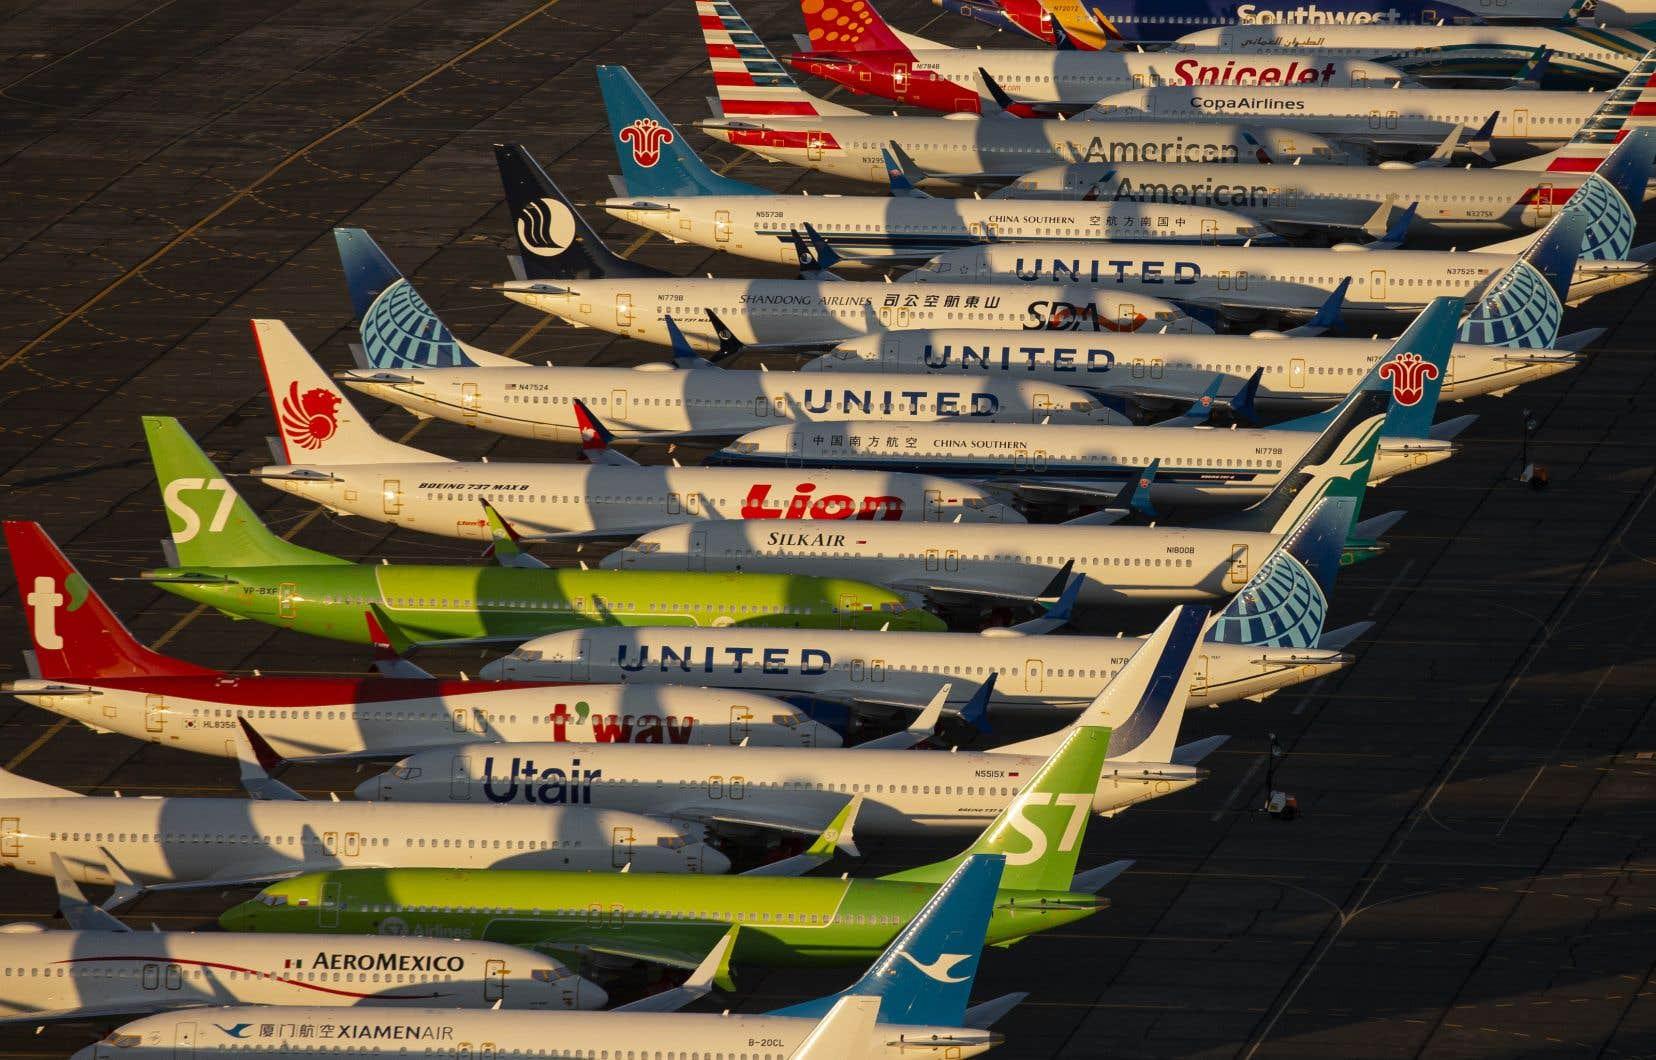 Le 737 MAX est cloué au sol depuis le 13mars 2019, après l'écrasement d'un exemplaire de la compagnie Ethiopian Airlines ayant fait 157 mort.